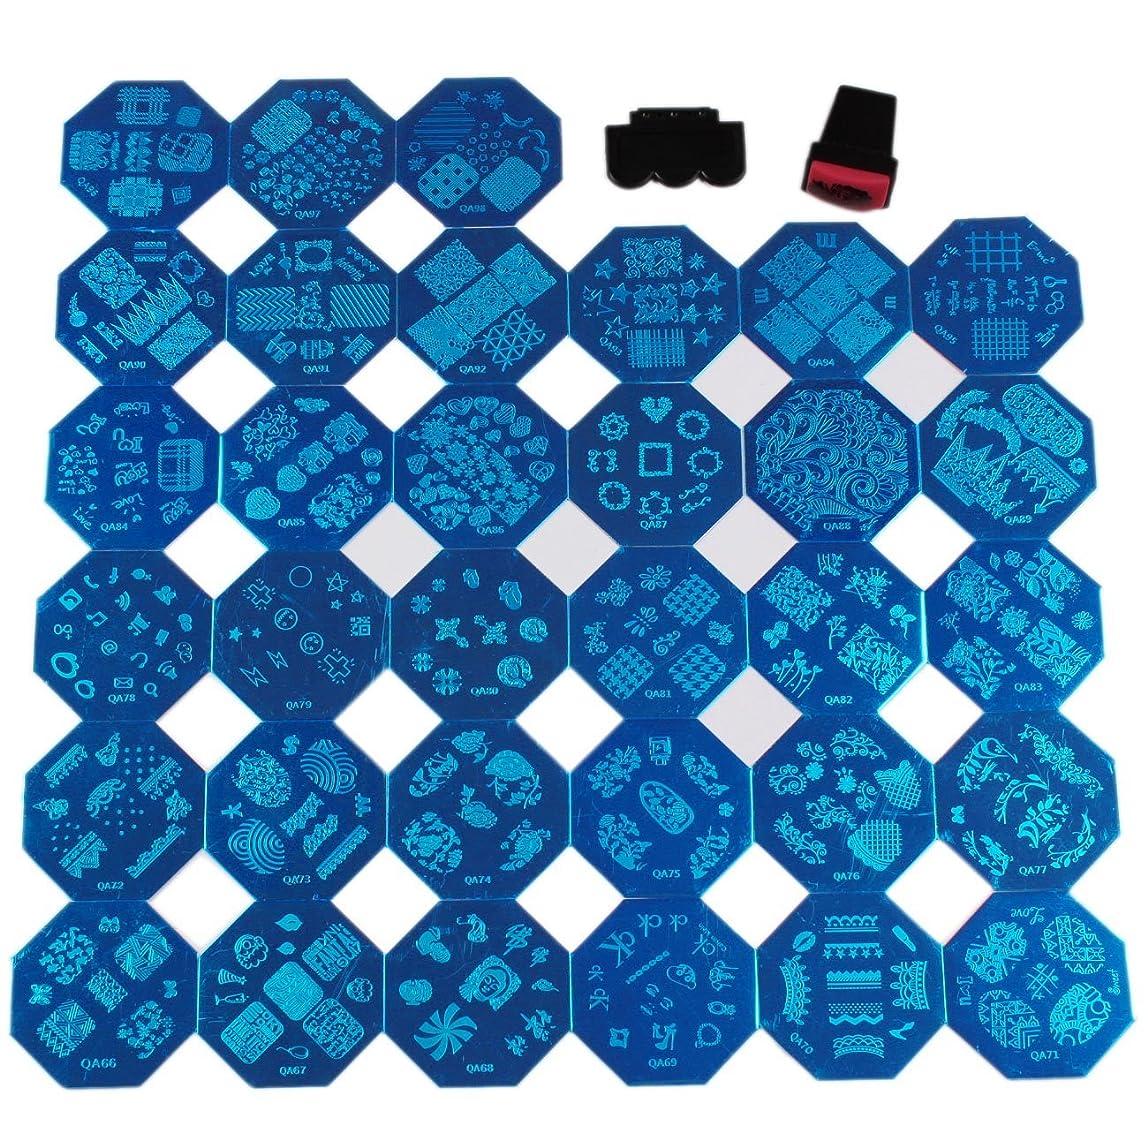 興味あいにくコメンテーターFingerAngel ネイルイメージプレートセット 八角形ネイルプレート 33枚 スタンプ スクレーパー付き ネイルサロンも自宅も適用なネイルプレート 初心者に簡単に仕上がるネイルアート